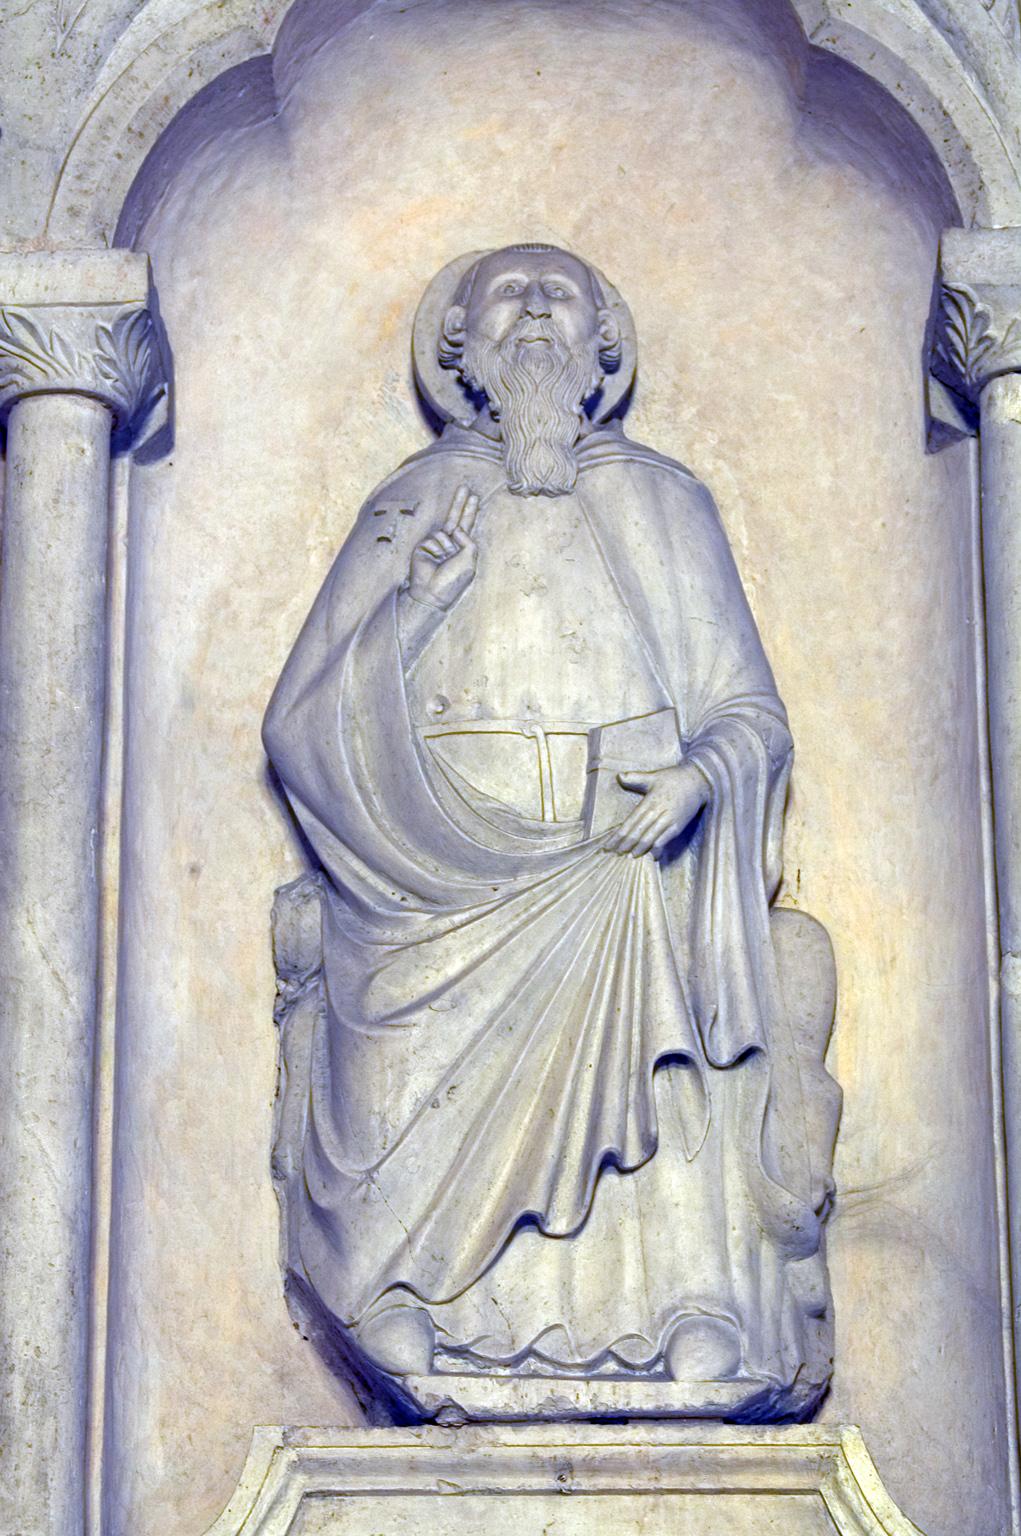 ill.23:Scuola privernate, sec. XIV, Sant'Antonio abate, marmo scolpito